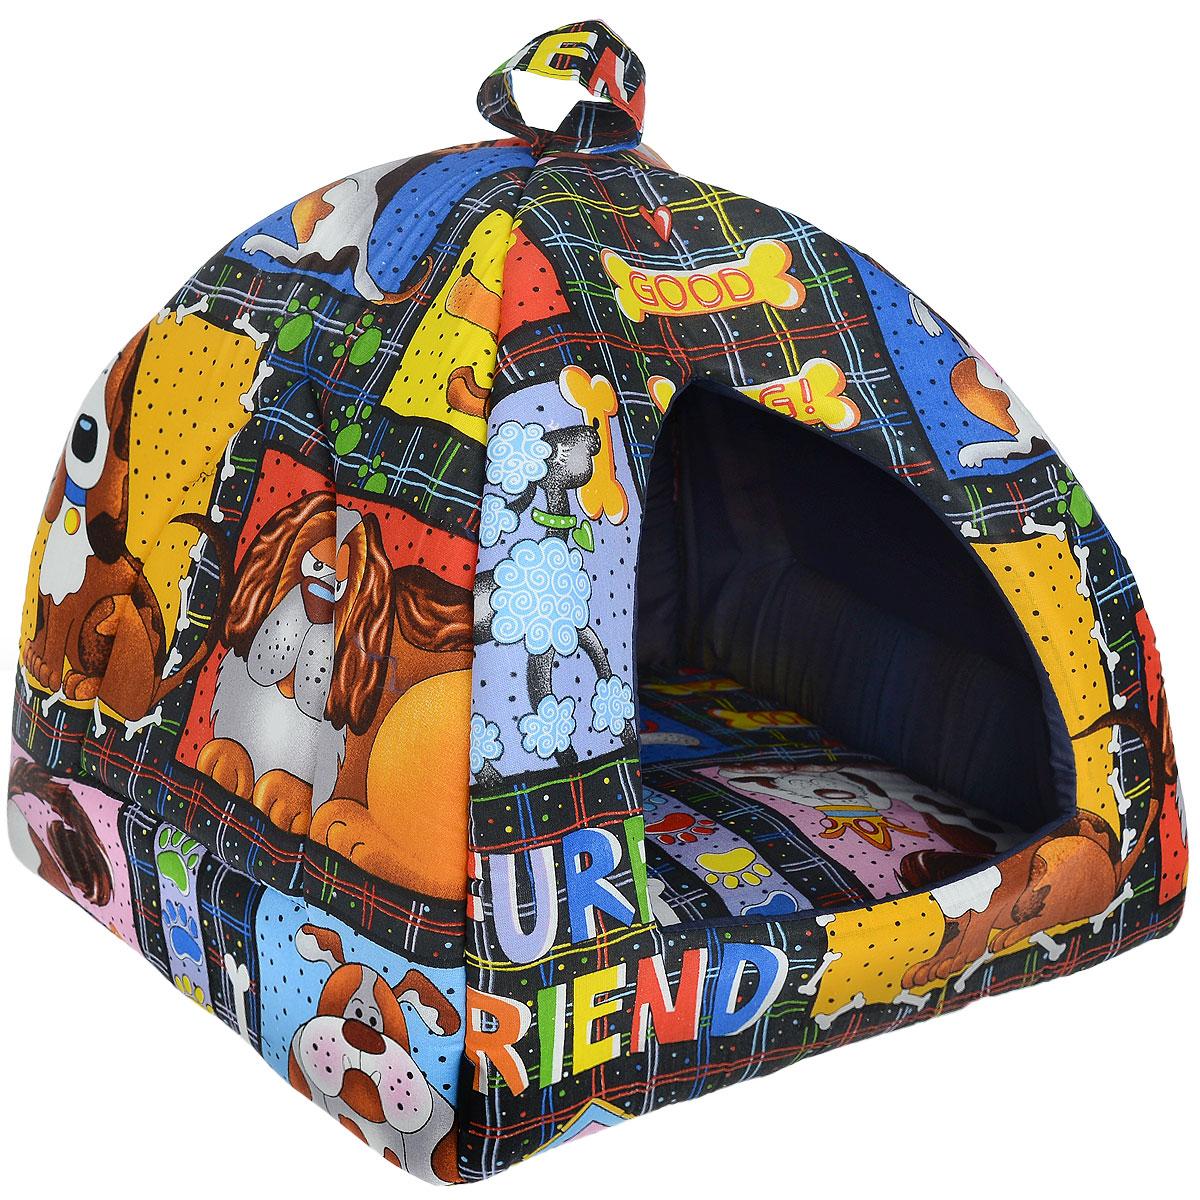 Домик для кошек и собак Гамма, цвет: синий, черный, 41 см х 41 см х 46 смДг-06000 синий, собакиДомик для кошек и собак Гамма обязательно понравится вашему питомцу. Домик предназначен для собак мелких пород и кошек. Изготовлен из хлопковой ткани с красивым принтом, внутри - мягкий наполнитель из мебельного поролона. Стежка надежно удерживает наполнитель внутри и не позволяет ему скатываться. Домик очень удобный и уютный, он оснащен мягкой съемной подстилкой из поролона. Ваш любимец сразу же захочет забраться внутрь, там он сможет отдохнуть и спрятаться. Компактные размеры позволят поместить домик, где угодно, а приятная цветовая гамма сделает его оригинальным дополнением к любому интерьеру. Размер подушки: 39 см х 39 см х 2 см. Внутренняя высота домика: 39 см. Толщина стенки: 2 см. ...